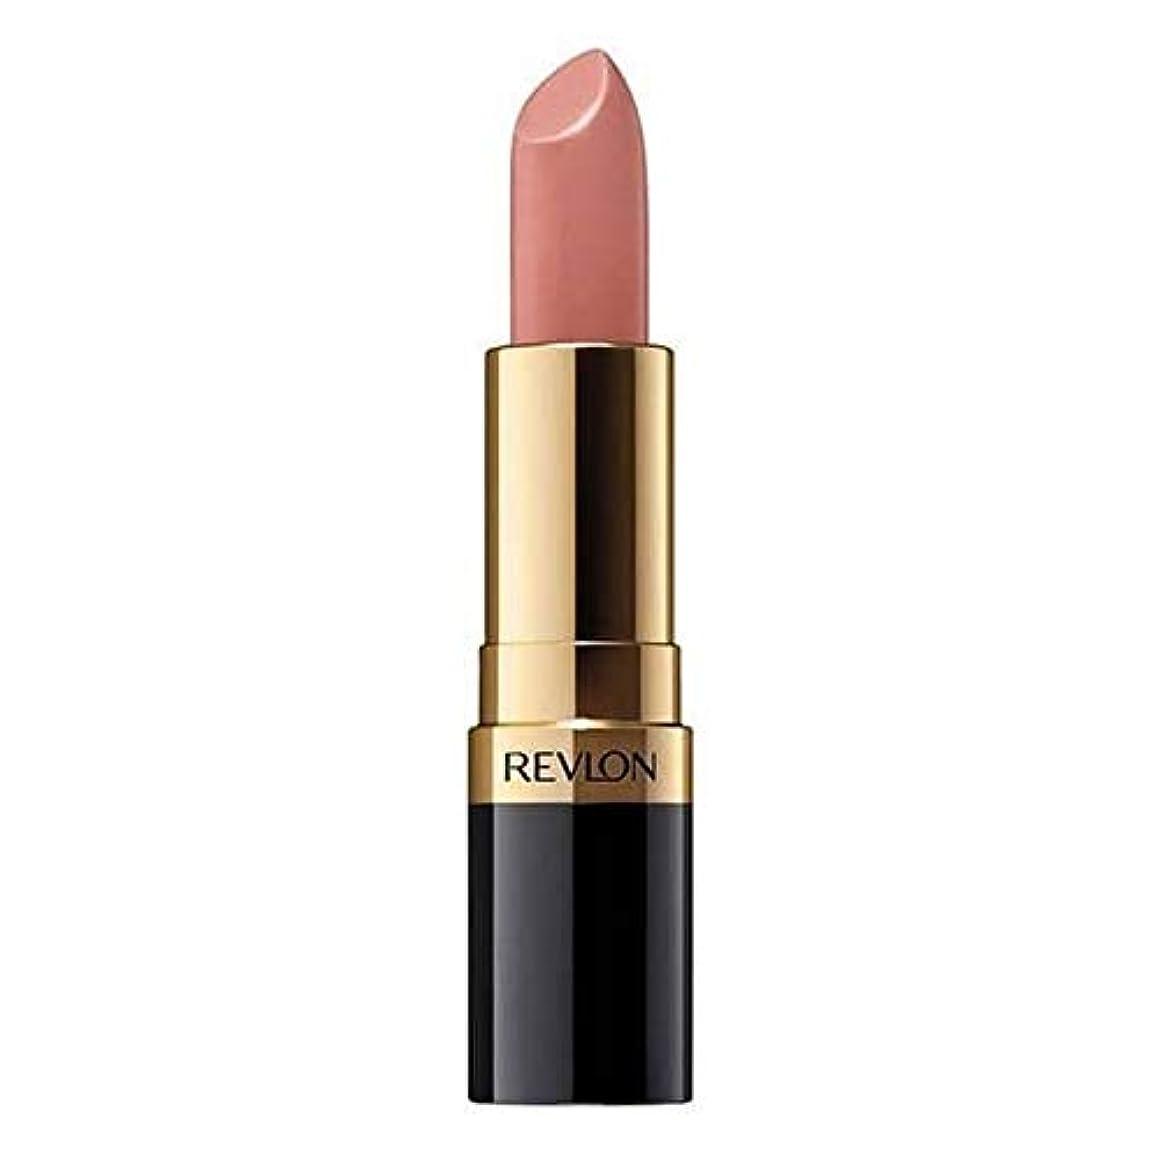 真剣に毎年シャット[Revlon ] レブロンSuperlustrous口紅裸事件 - Revlon SuperLustrous Lipstick Bare Affair [並行輸入品]